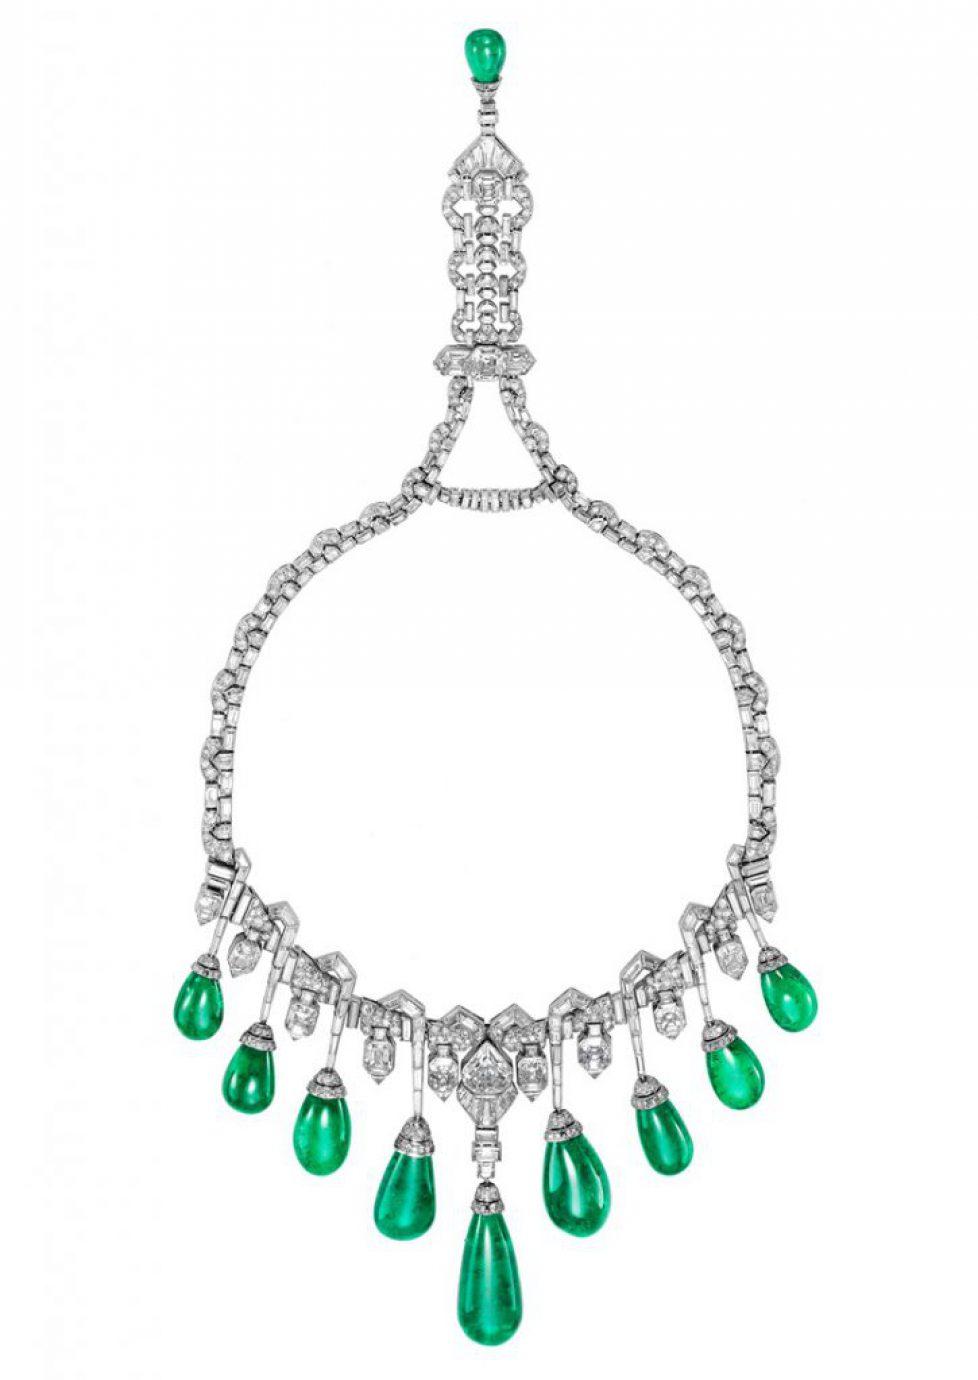 van-cleef-and-arpels-emerald-necklace_princess-faiza